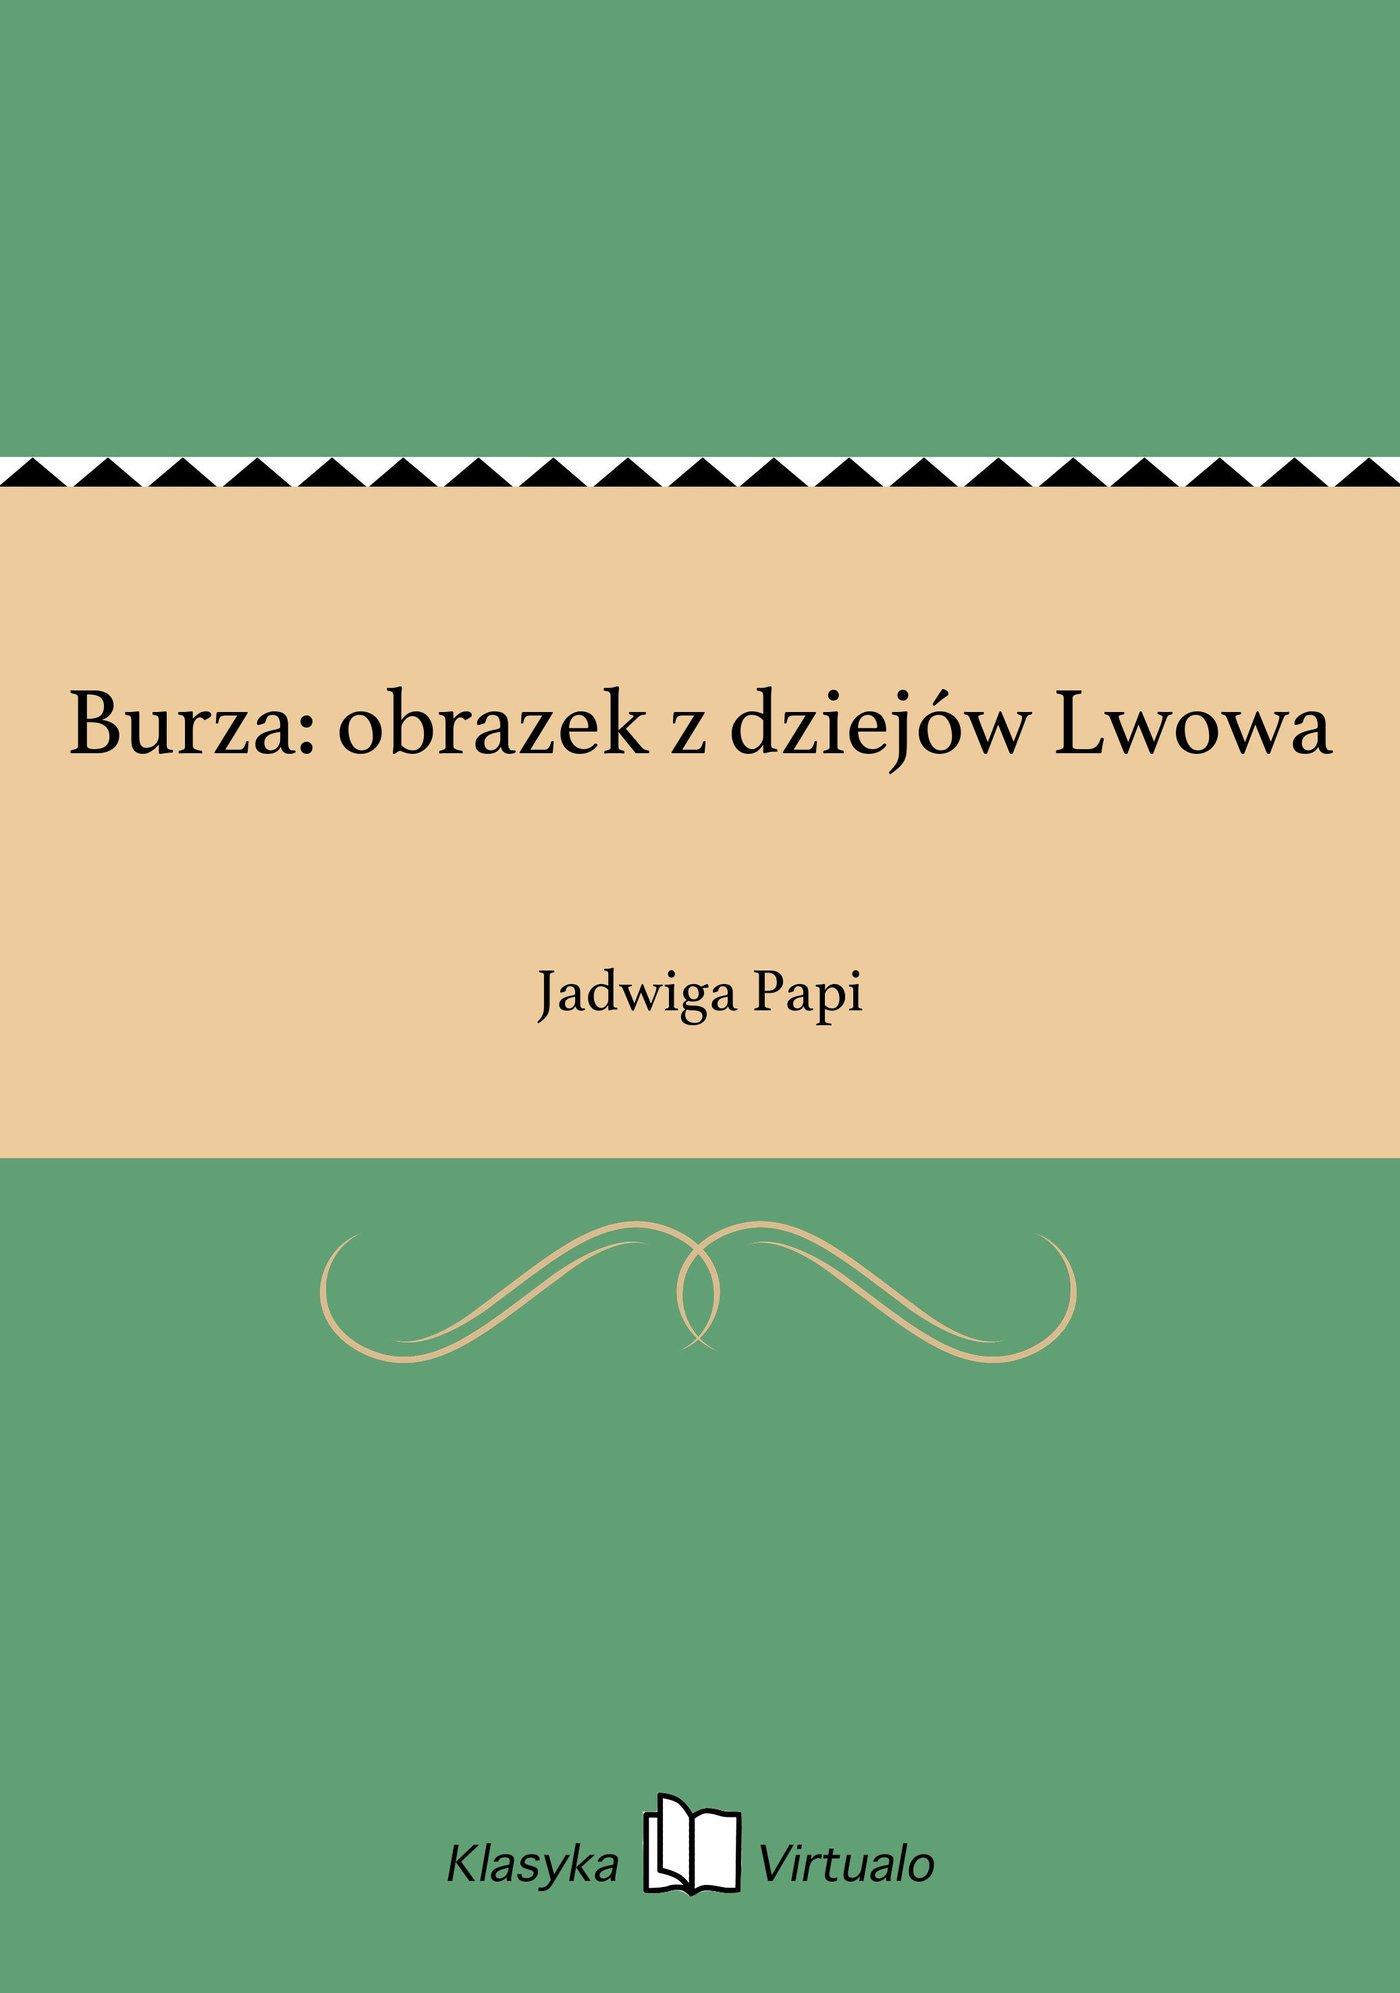 Burza: obrazek z dziejów Lwowa - Ebook (Książka EPUB) do pobrania w formacie EPUB